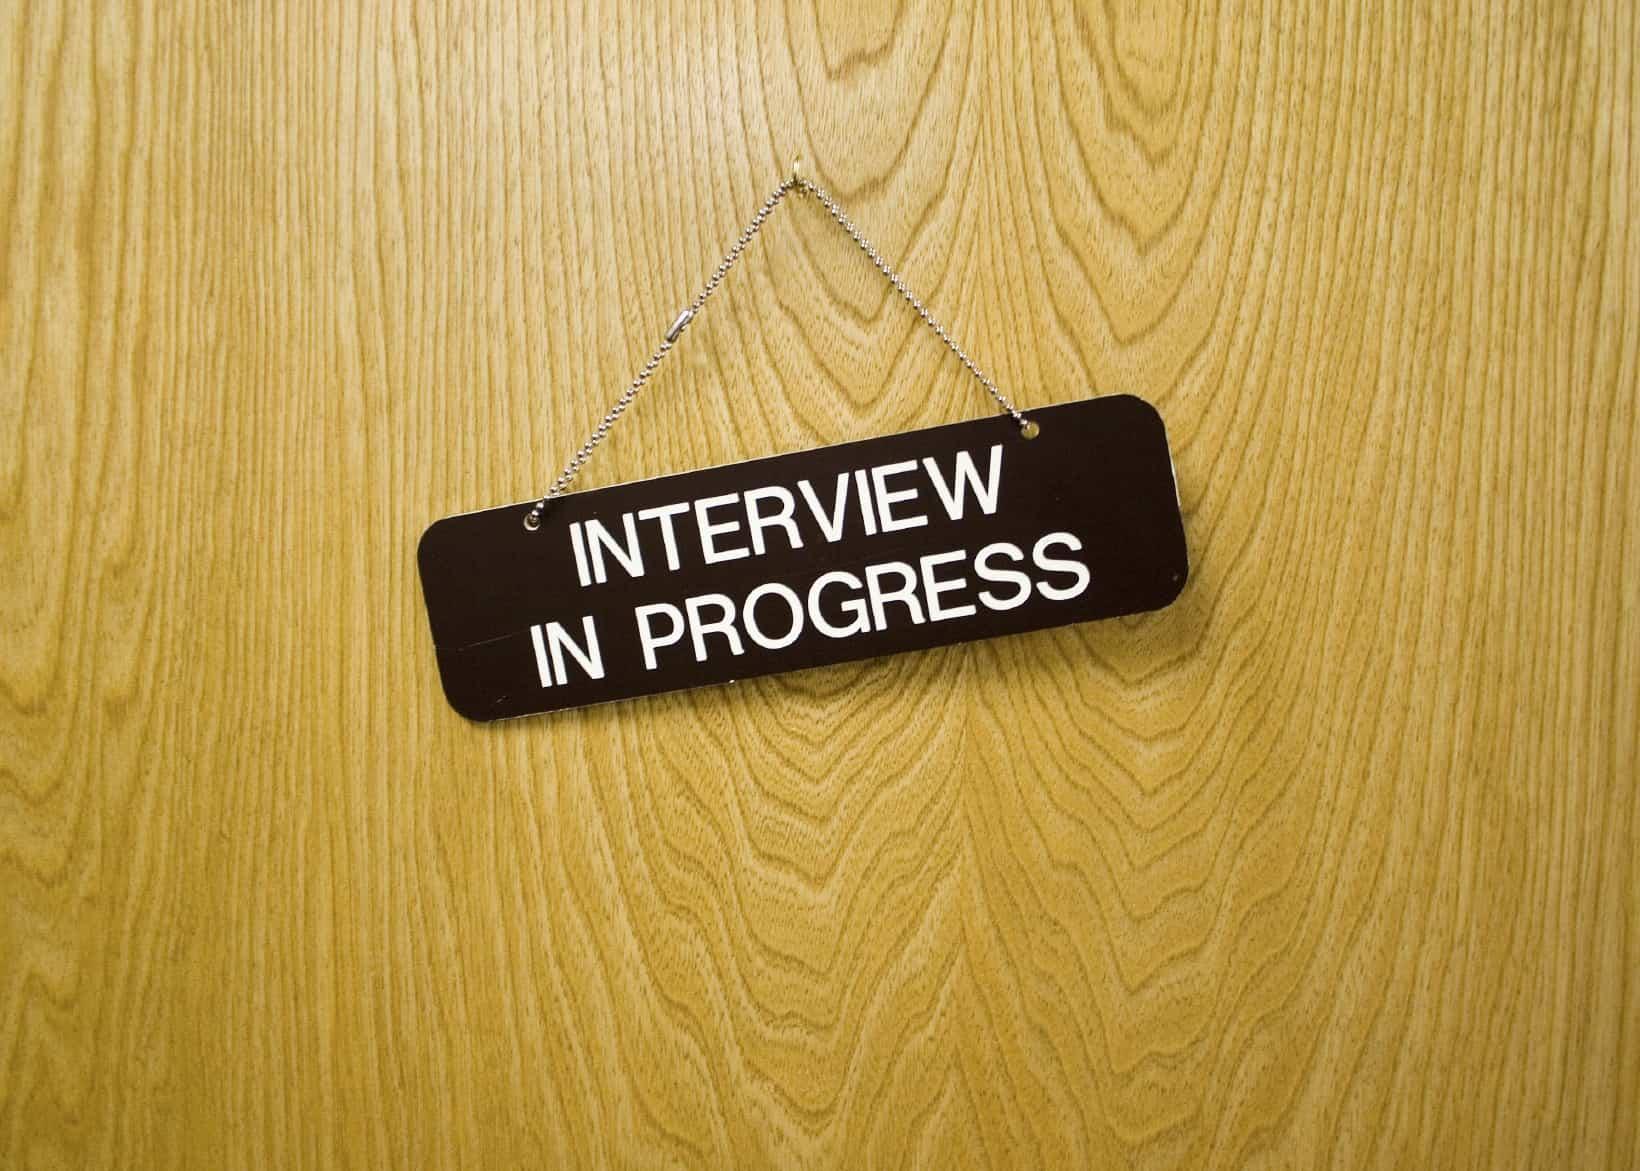 ace a job interview